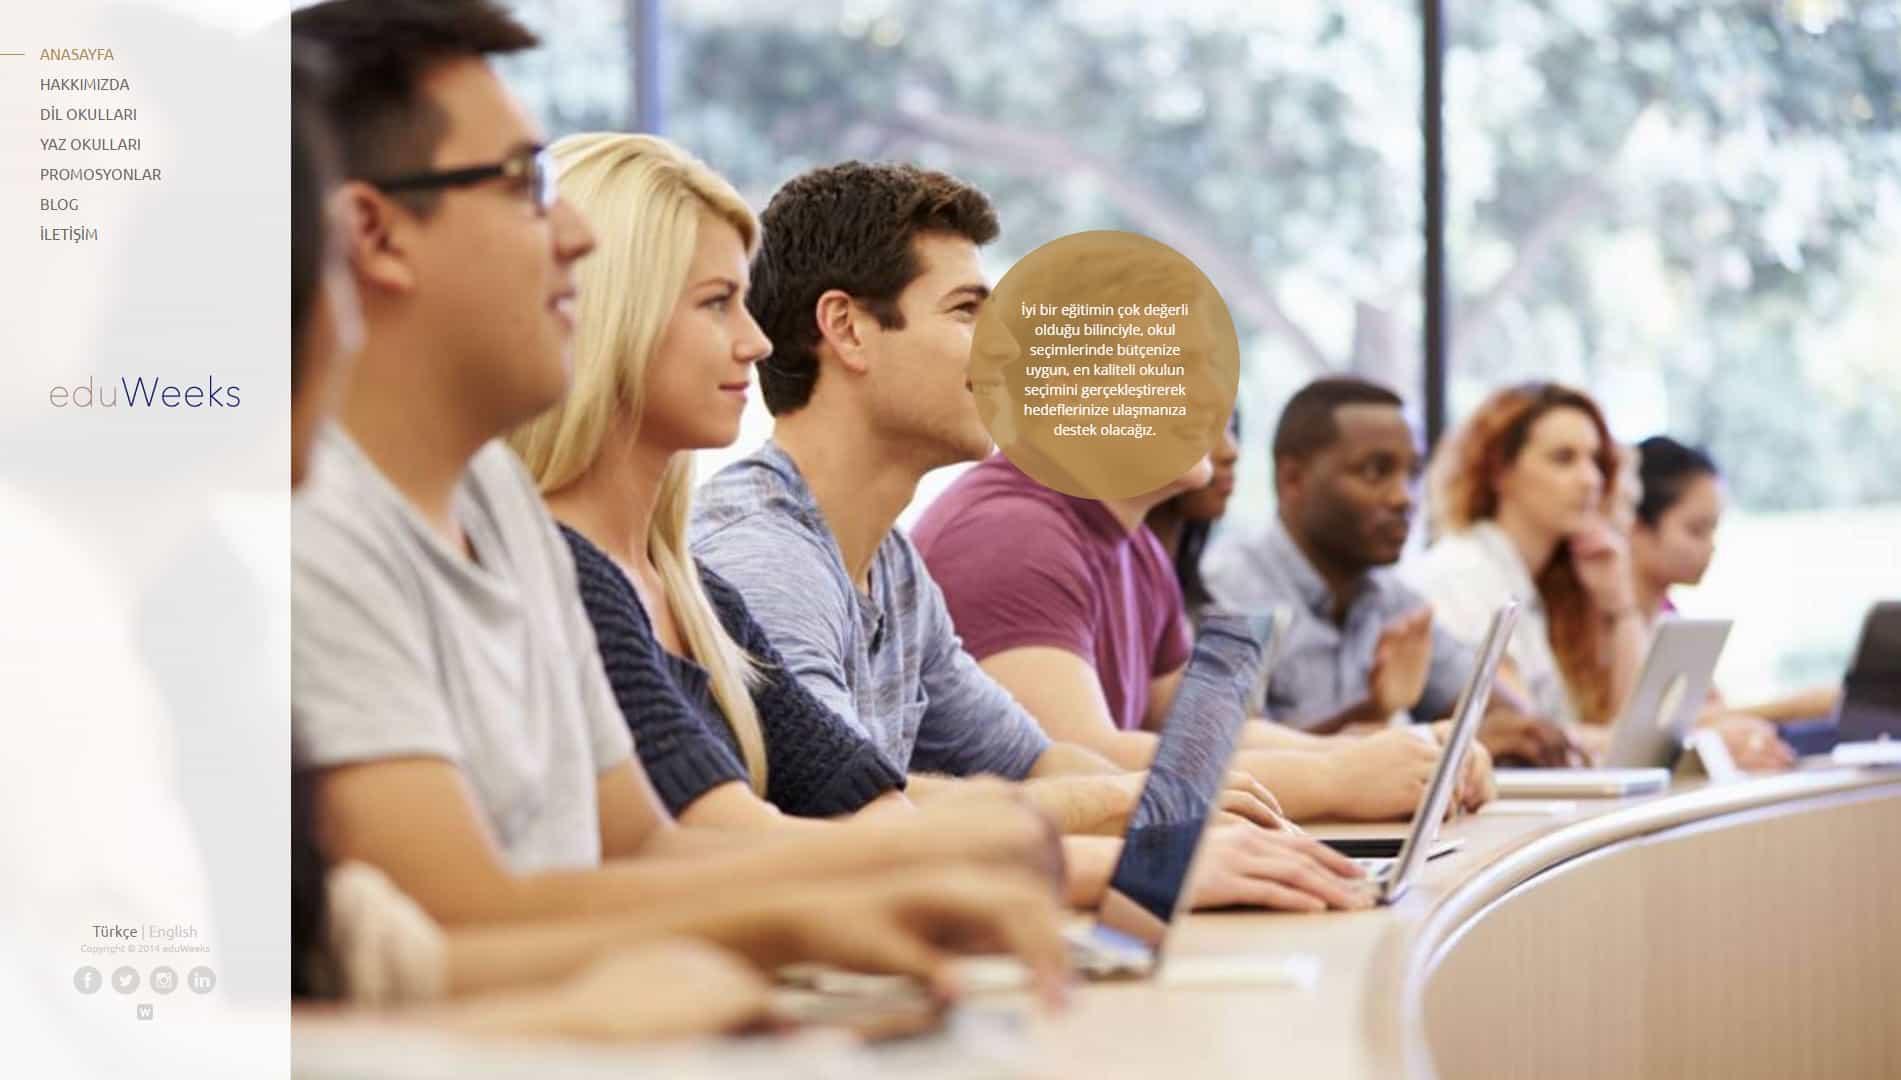 eduWeeks